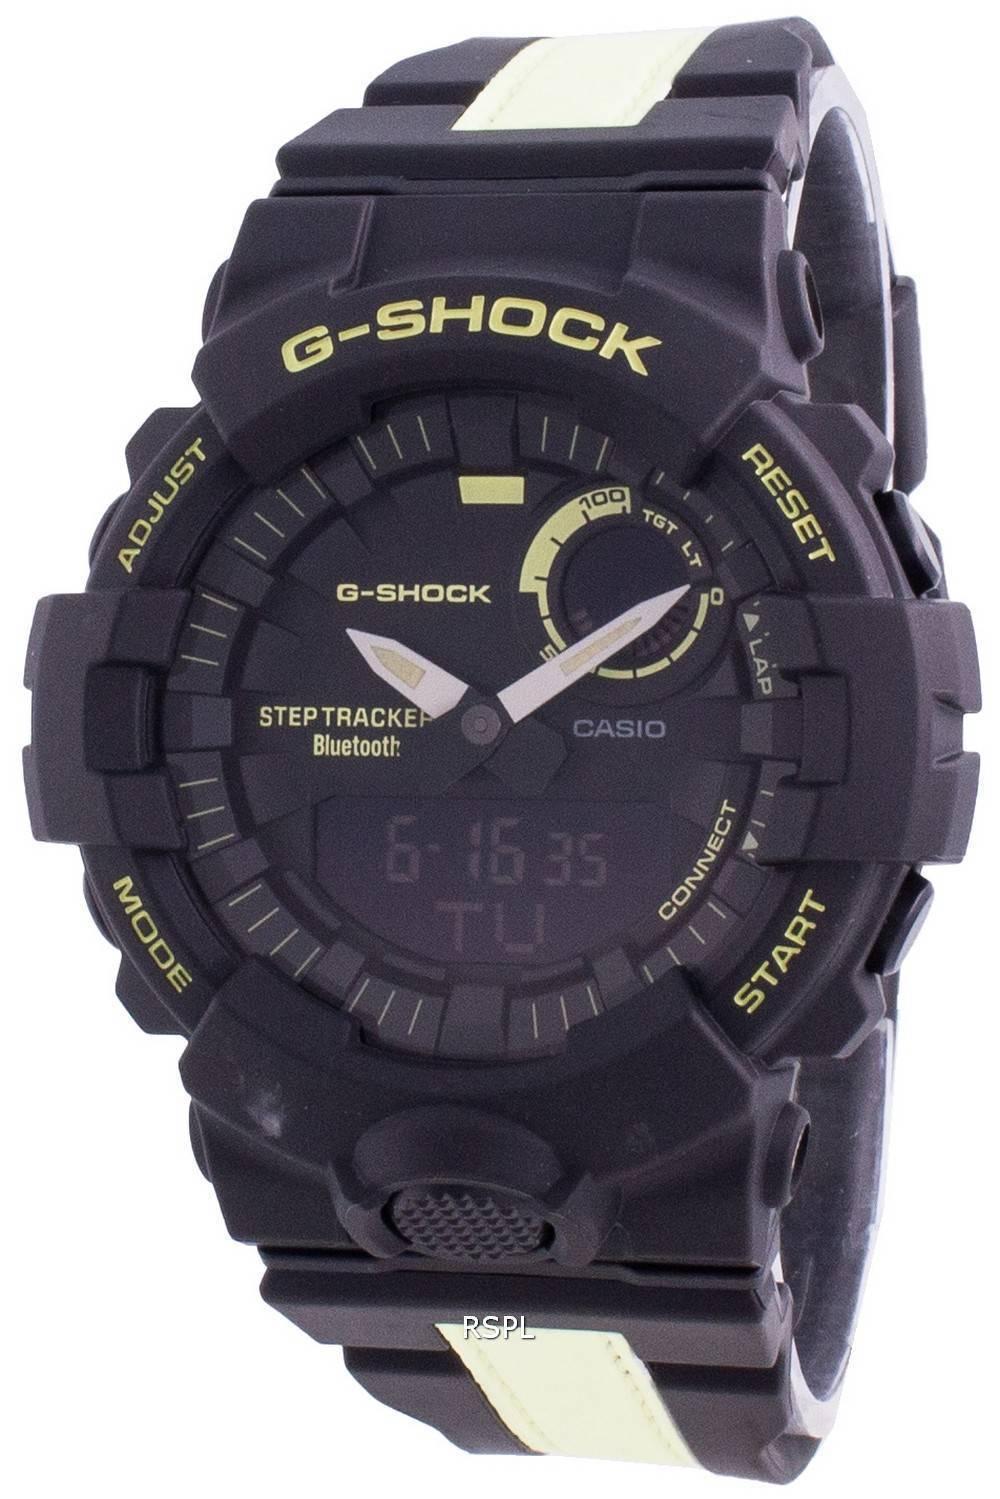 Casio G-Shock GBA-800LU-1A1 Quarz Stoßfeste 200M Herrenuhr